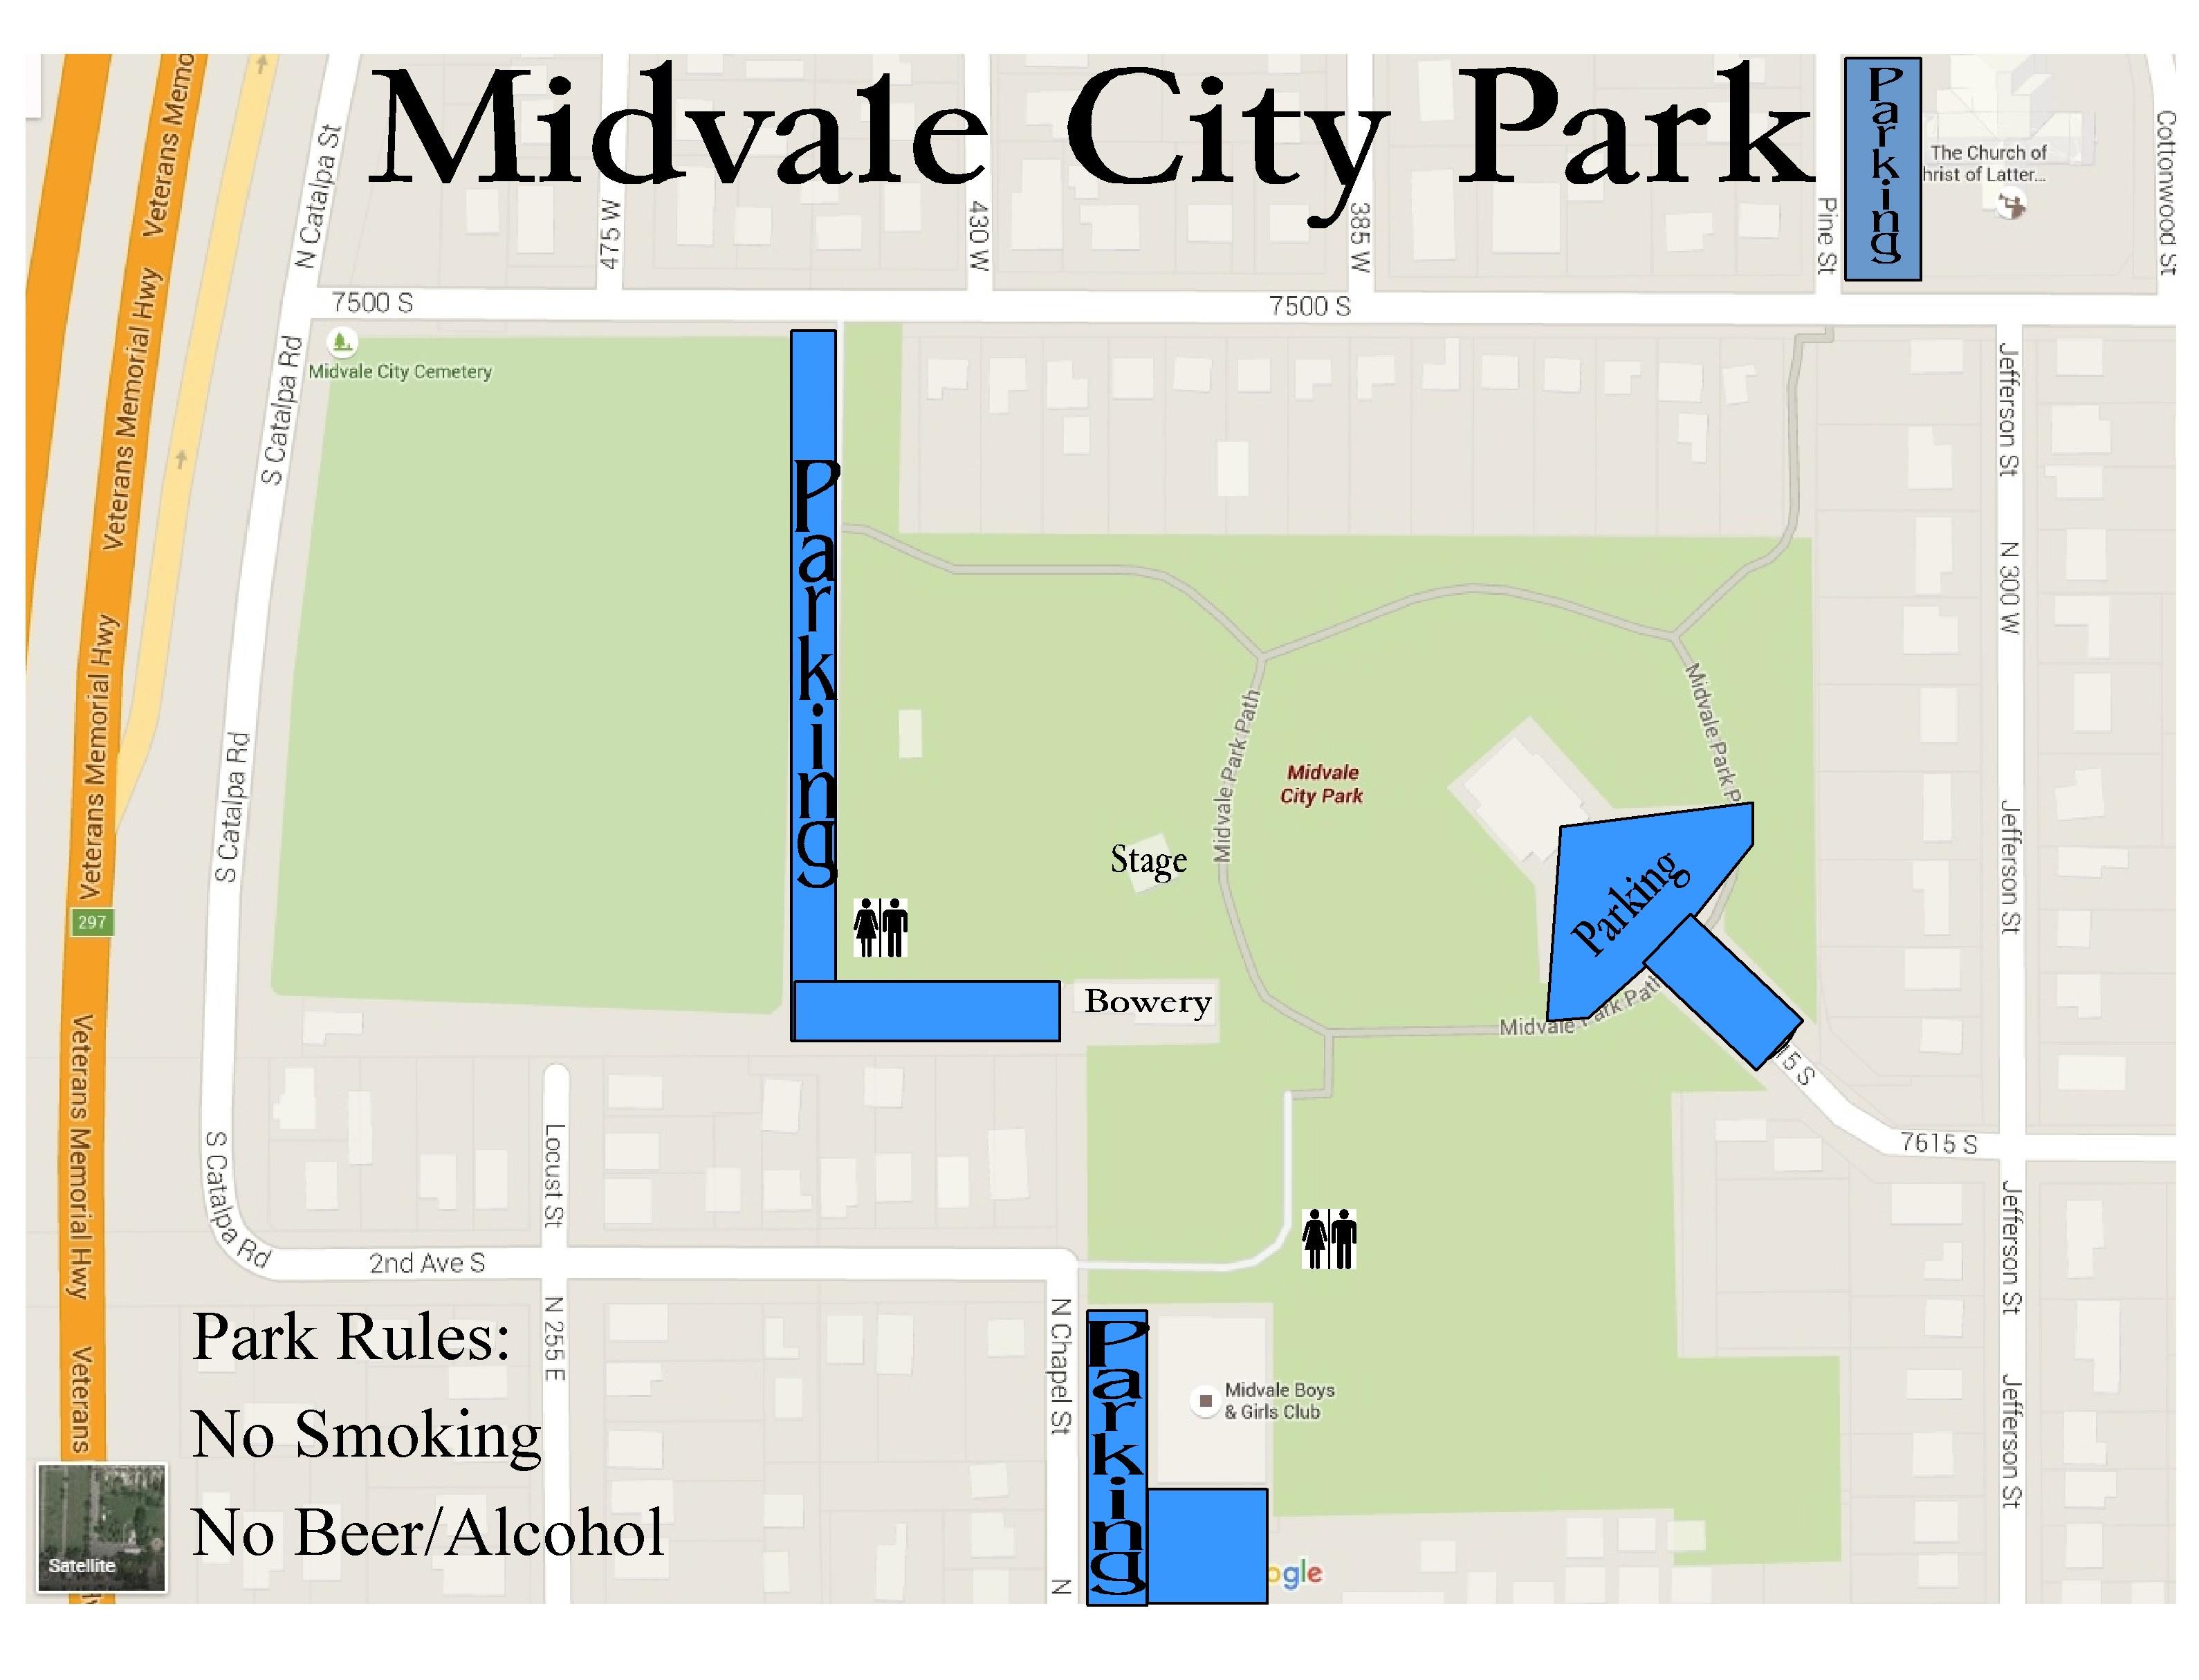 Midvale_City_Park_Map.jpg